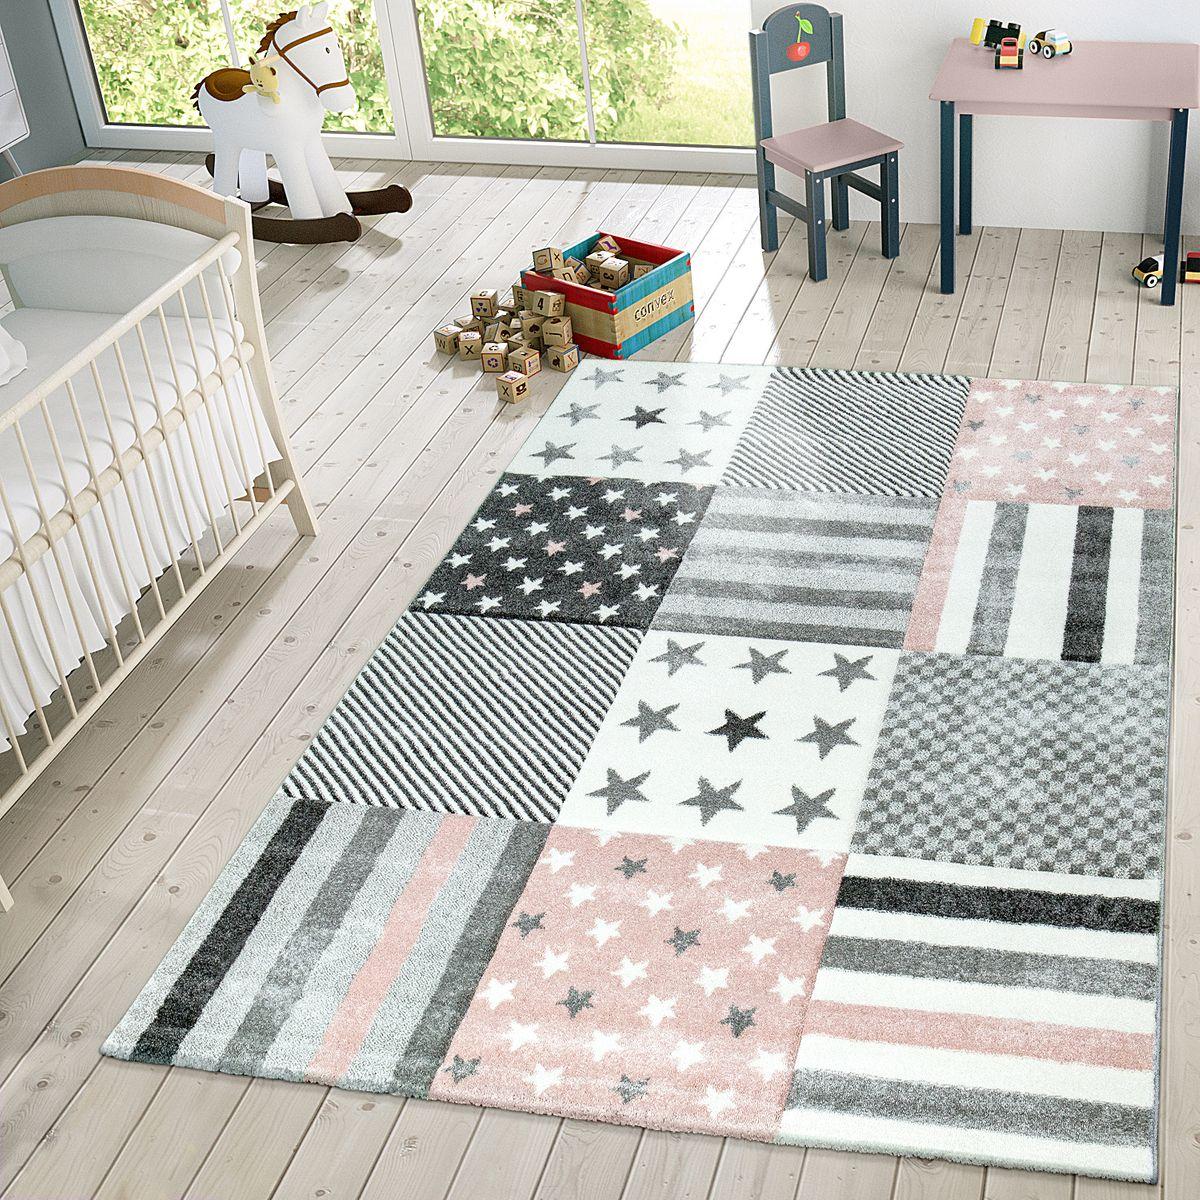 Full Size of Teppich Sterne In Mehreren Farben Teppichmax Regal Kinderzimmer Sofa Regale Wohnzimmer Teppiche Weiß Kinderzimmer Teppiche Kinderzimmer